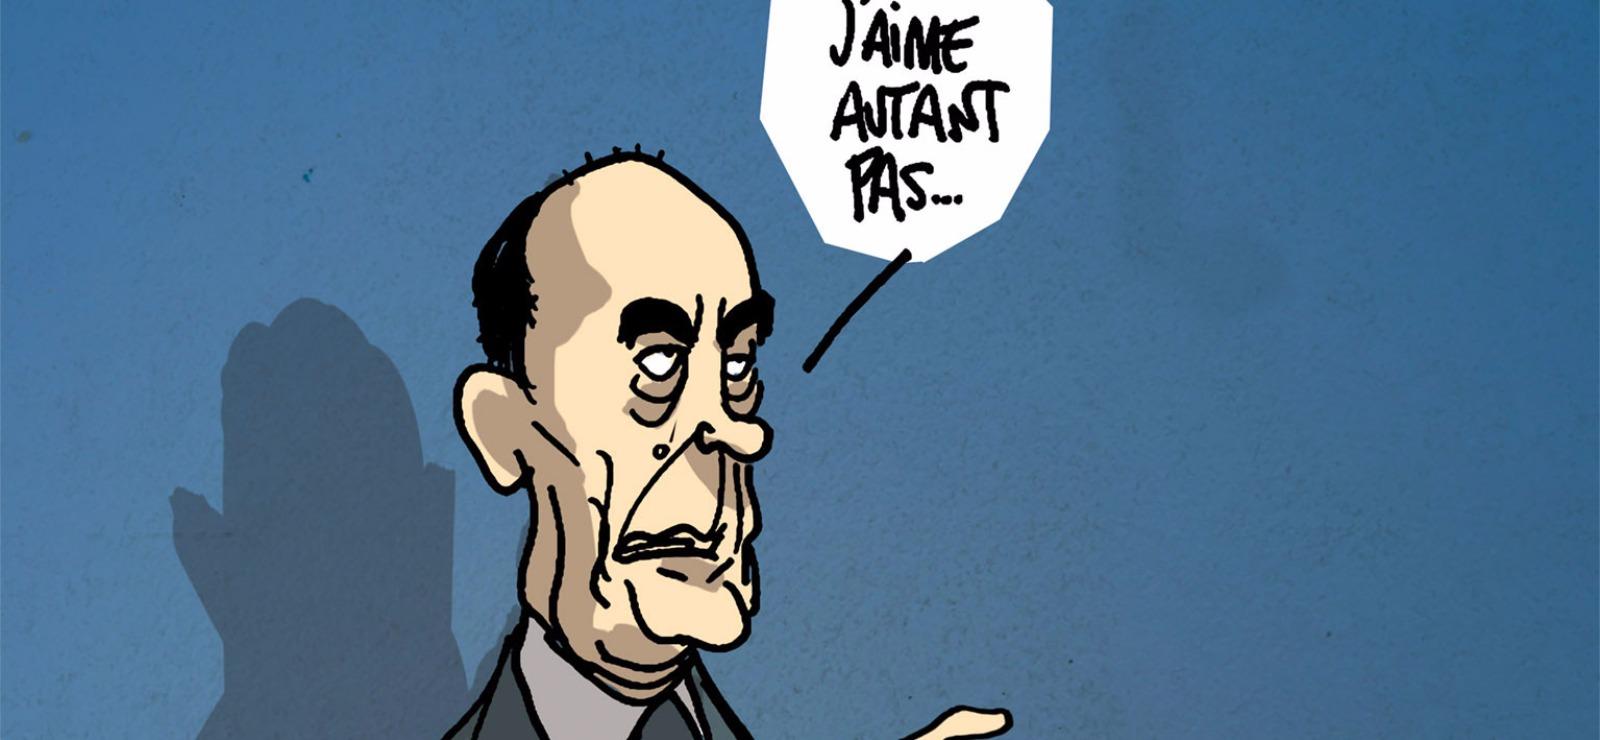 Les dessins de la semaine : Sarkozy, soutien gênant pour Juppé, opportun pour Le Pen